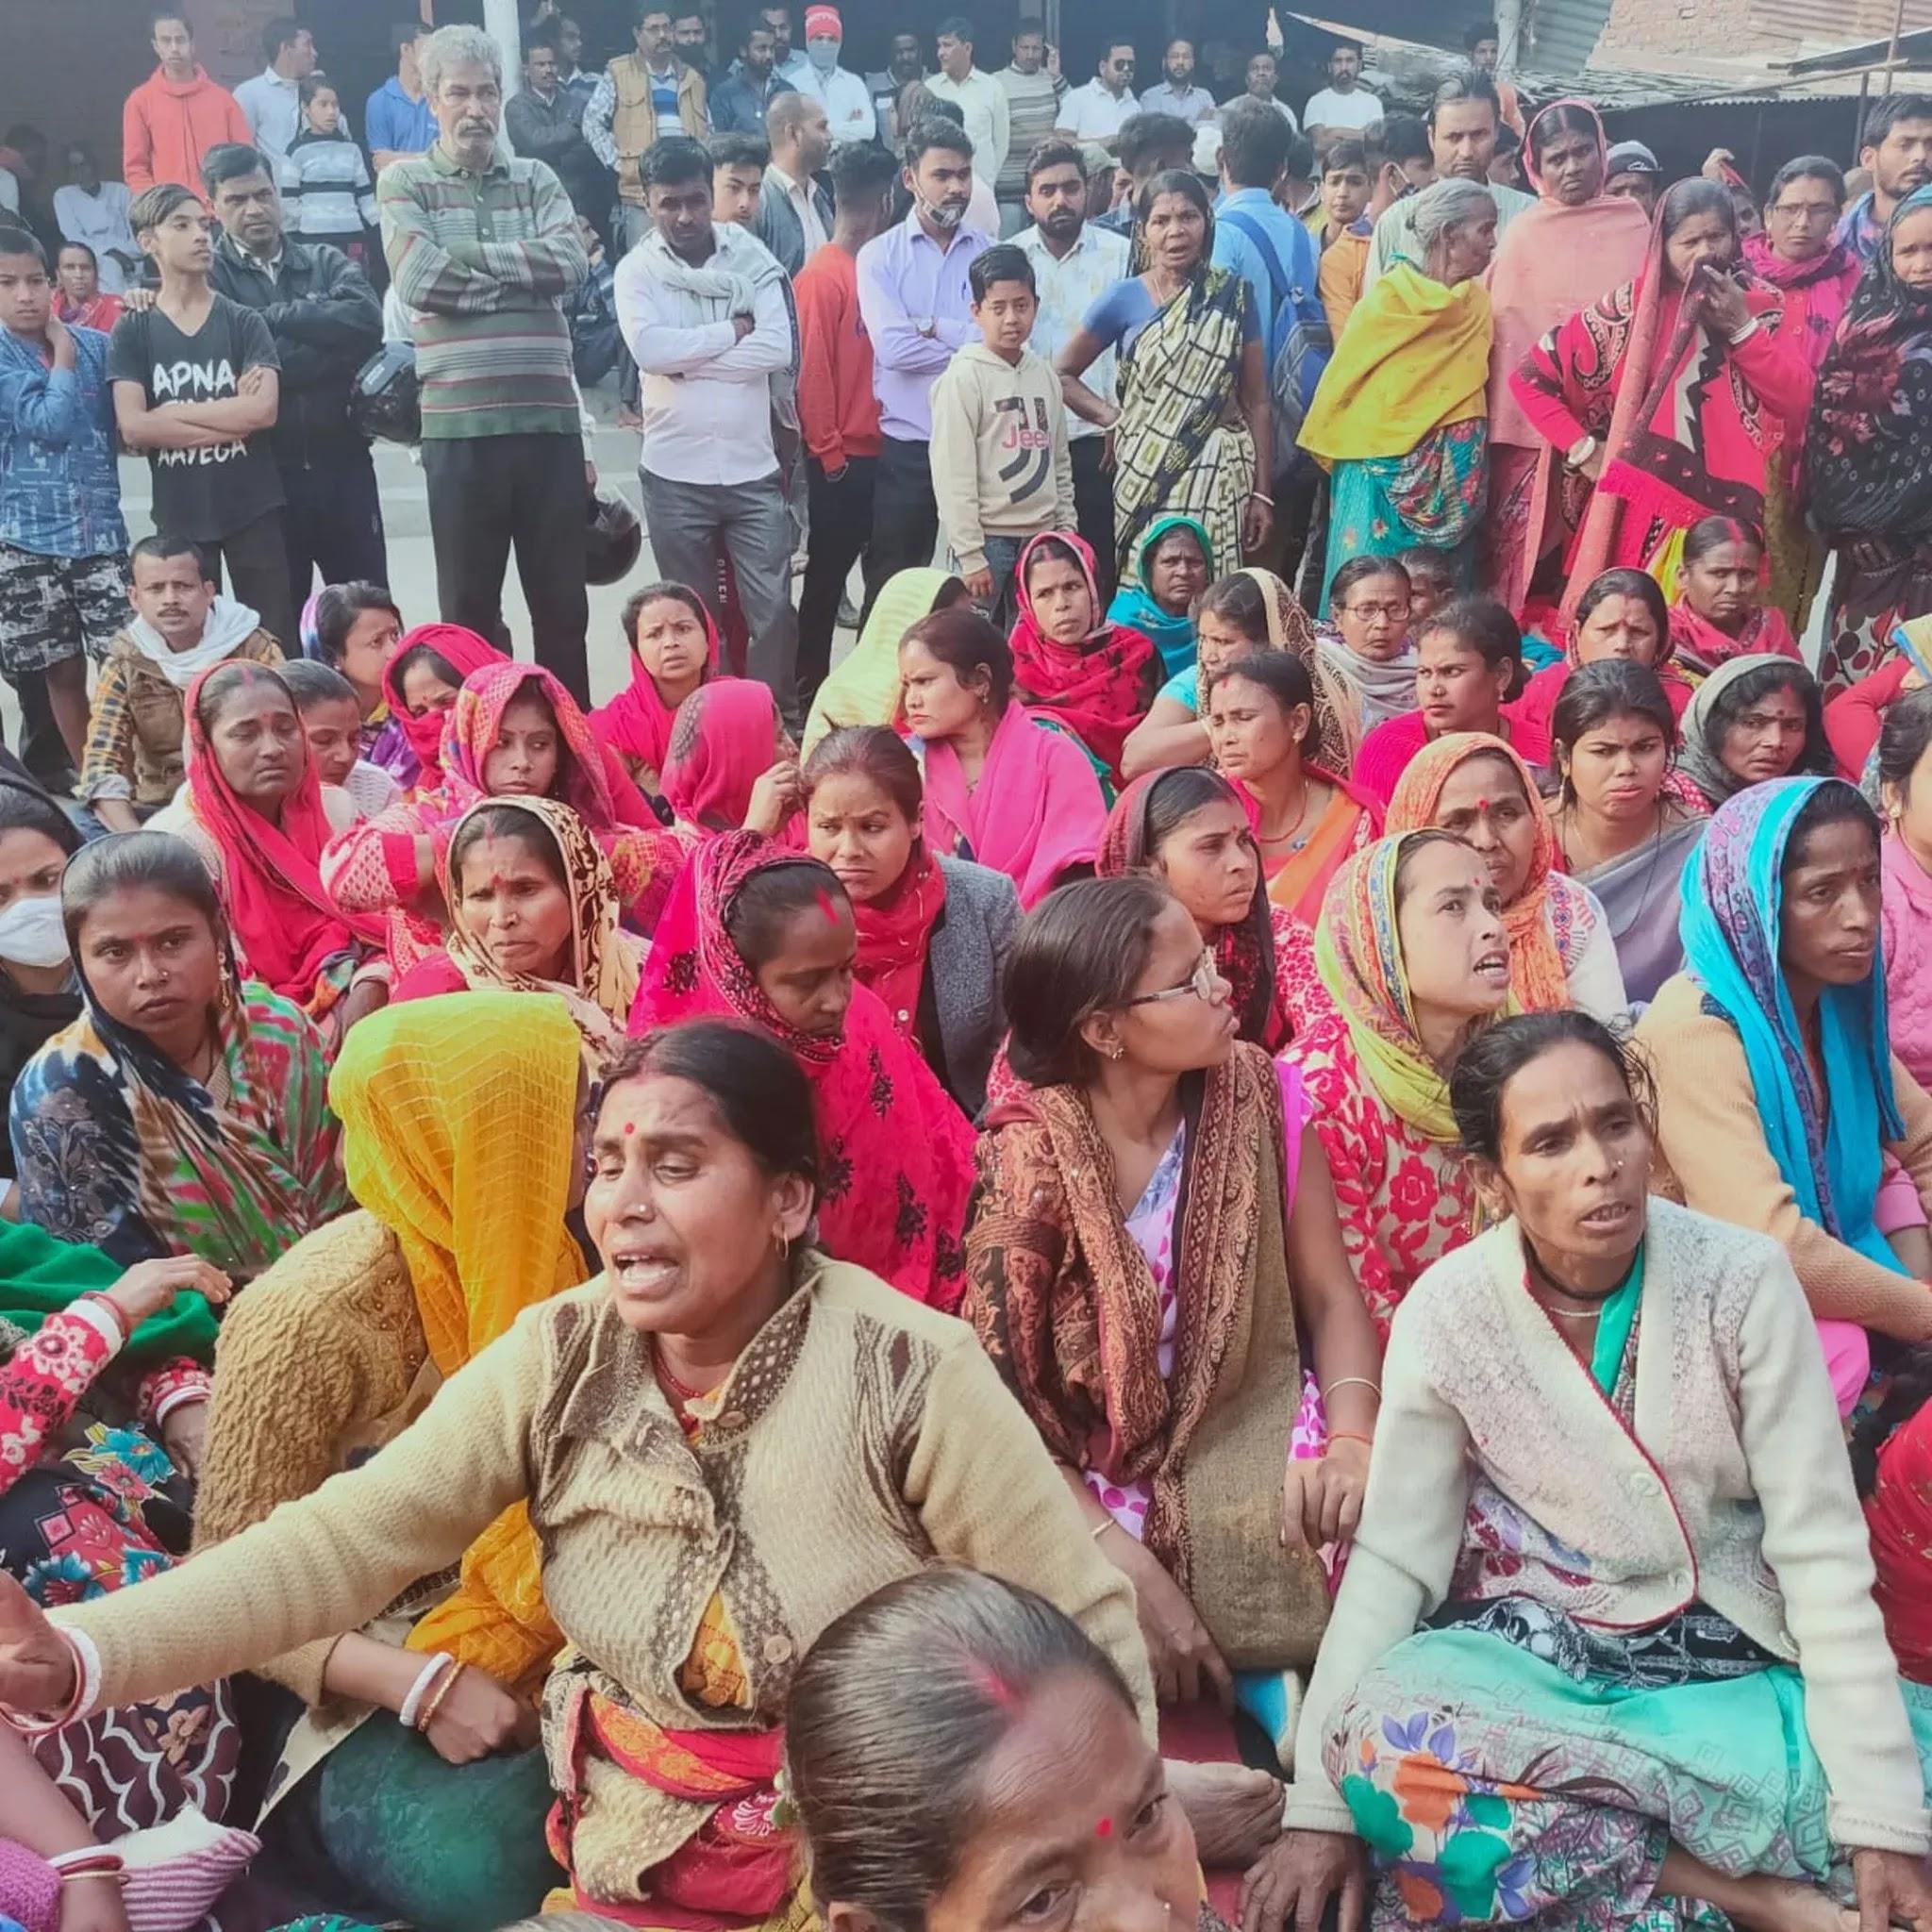 शक्तिफार्म के गोविंदनगर गांव में सभा में मौजूद ग्रामीण